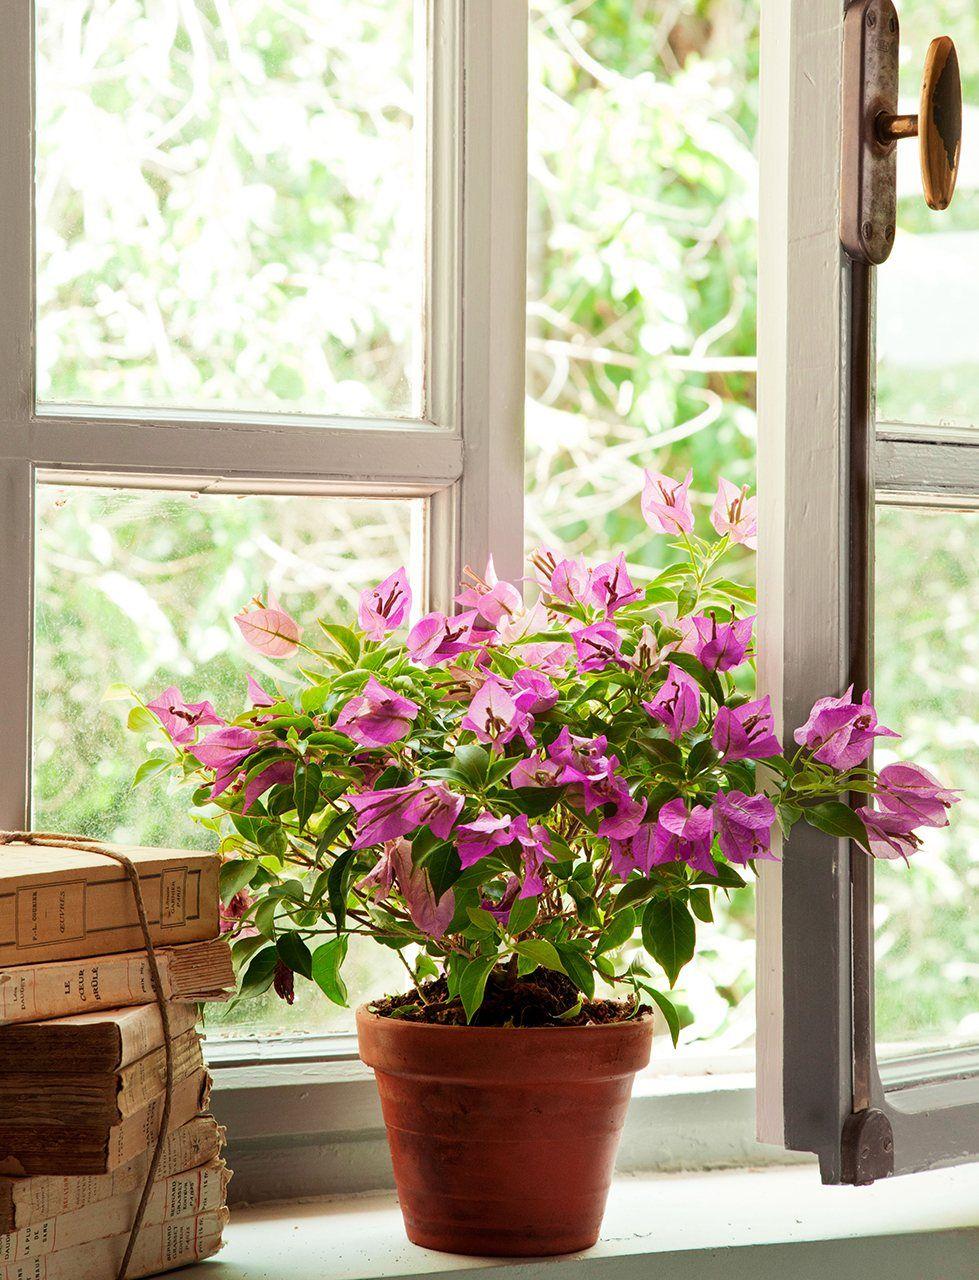 Detalle de buganvilla en una maceta junto a la ventana - Macetas interior ...